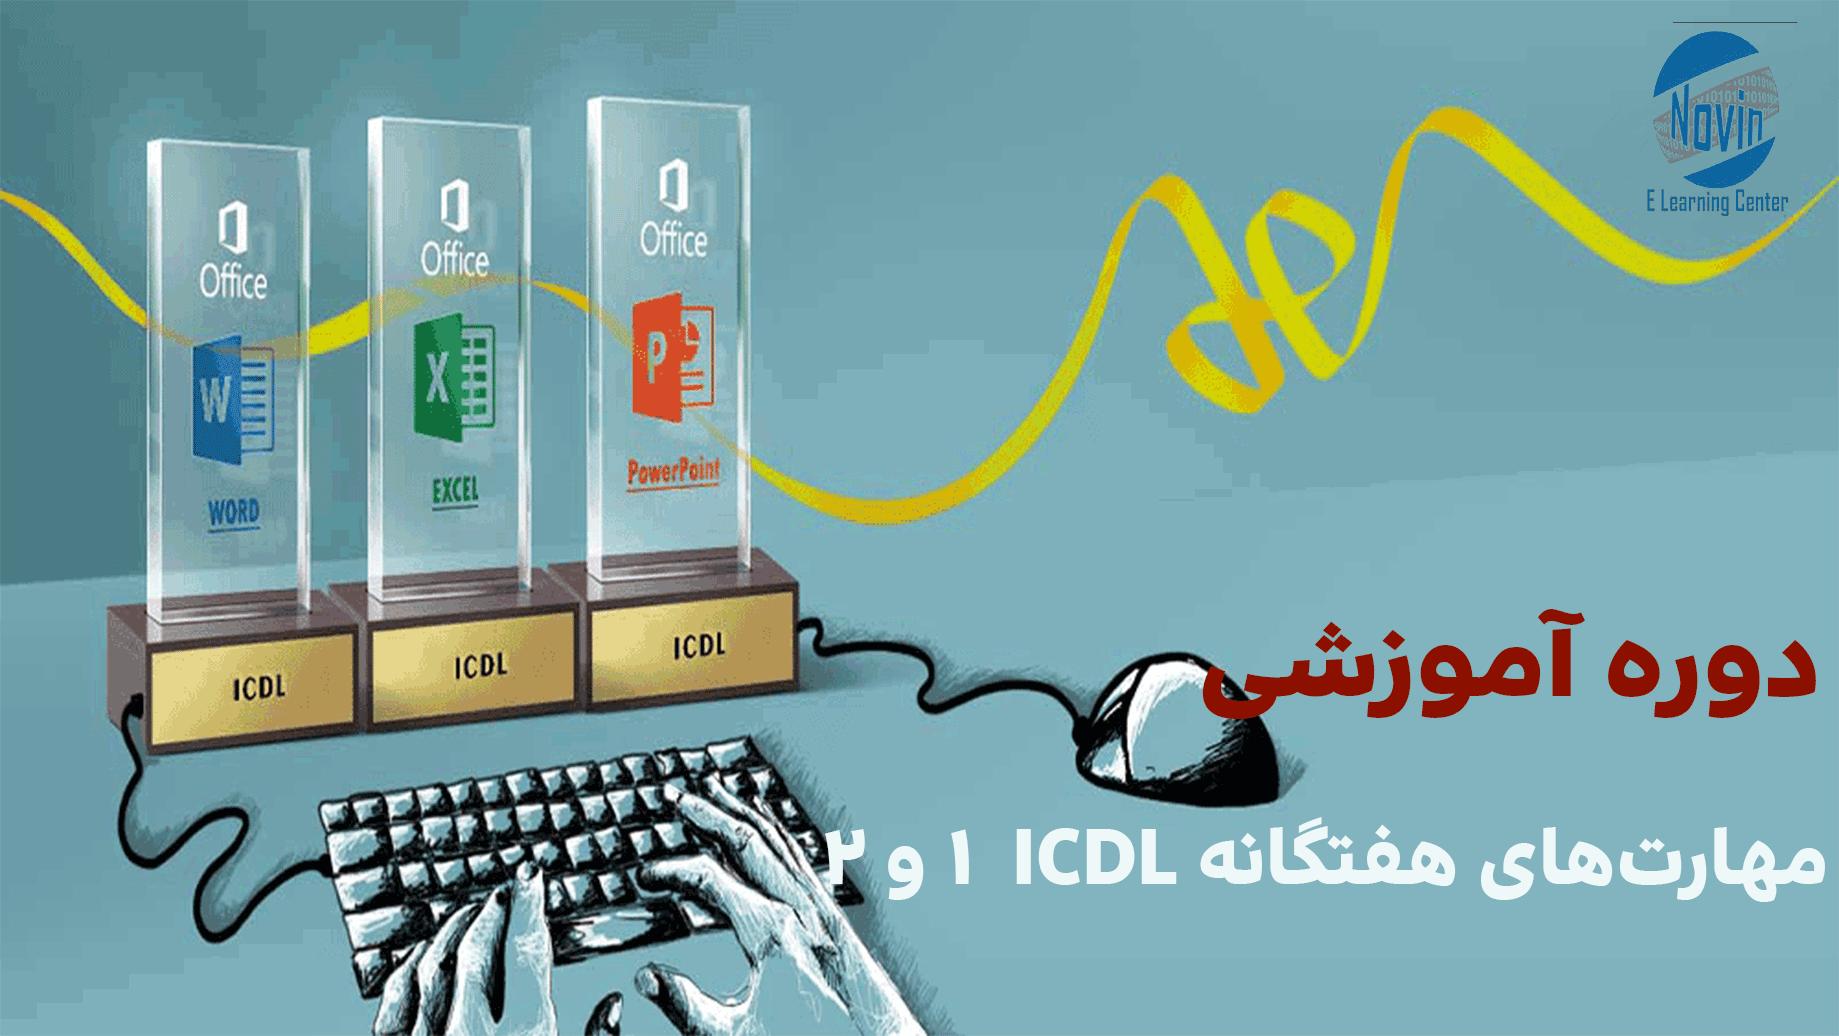 دوره و مدرک-icdl